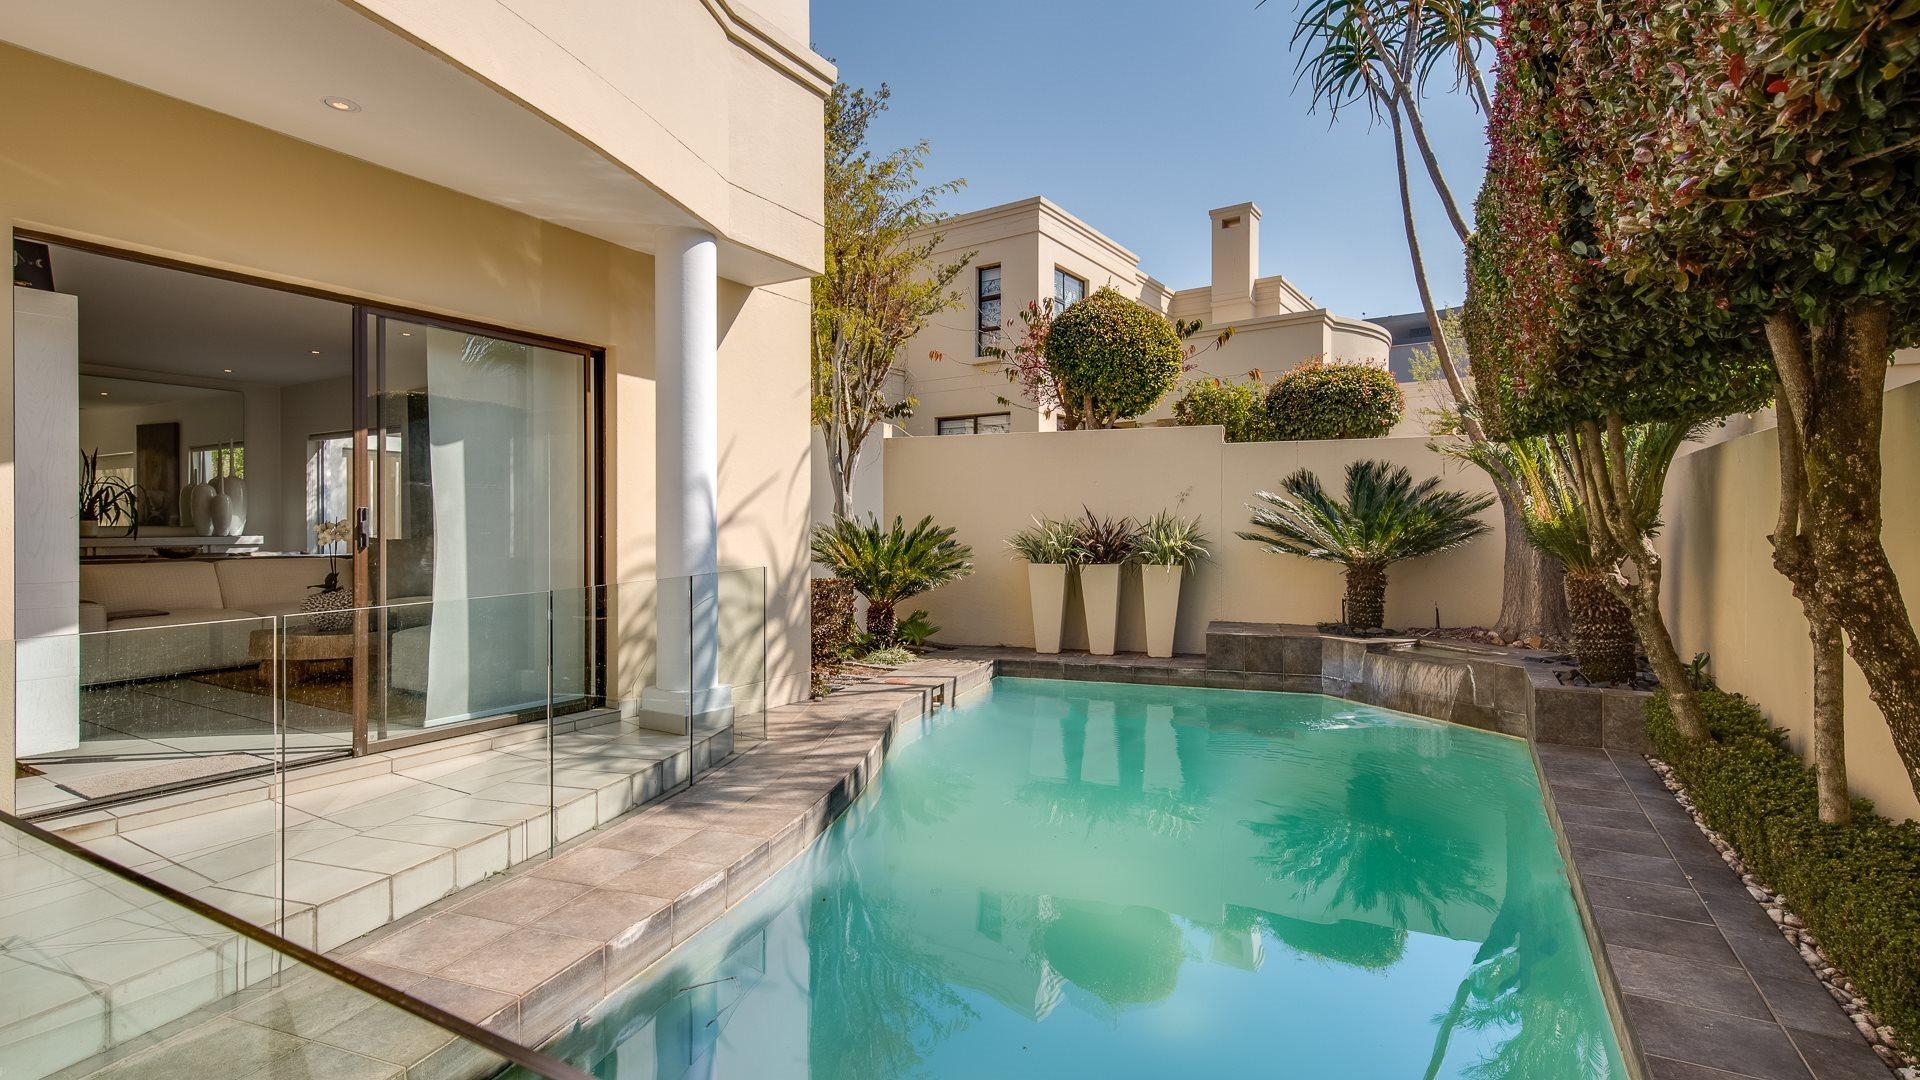 House for sale in Morningside - 4 bedroom 13655545 |9-16| CyberProp